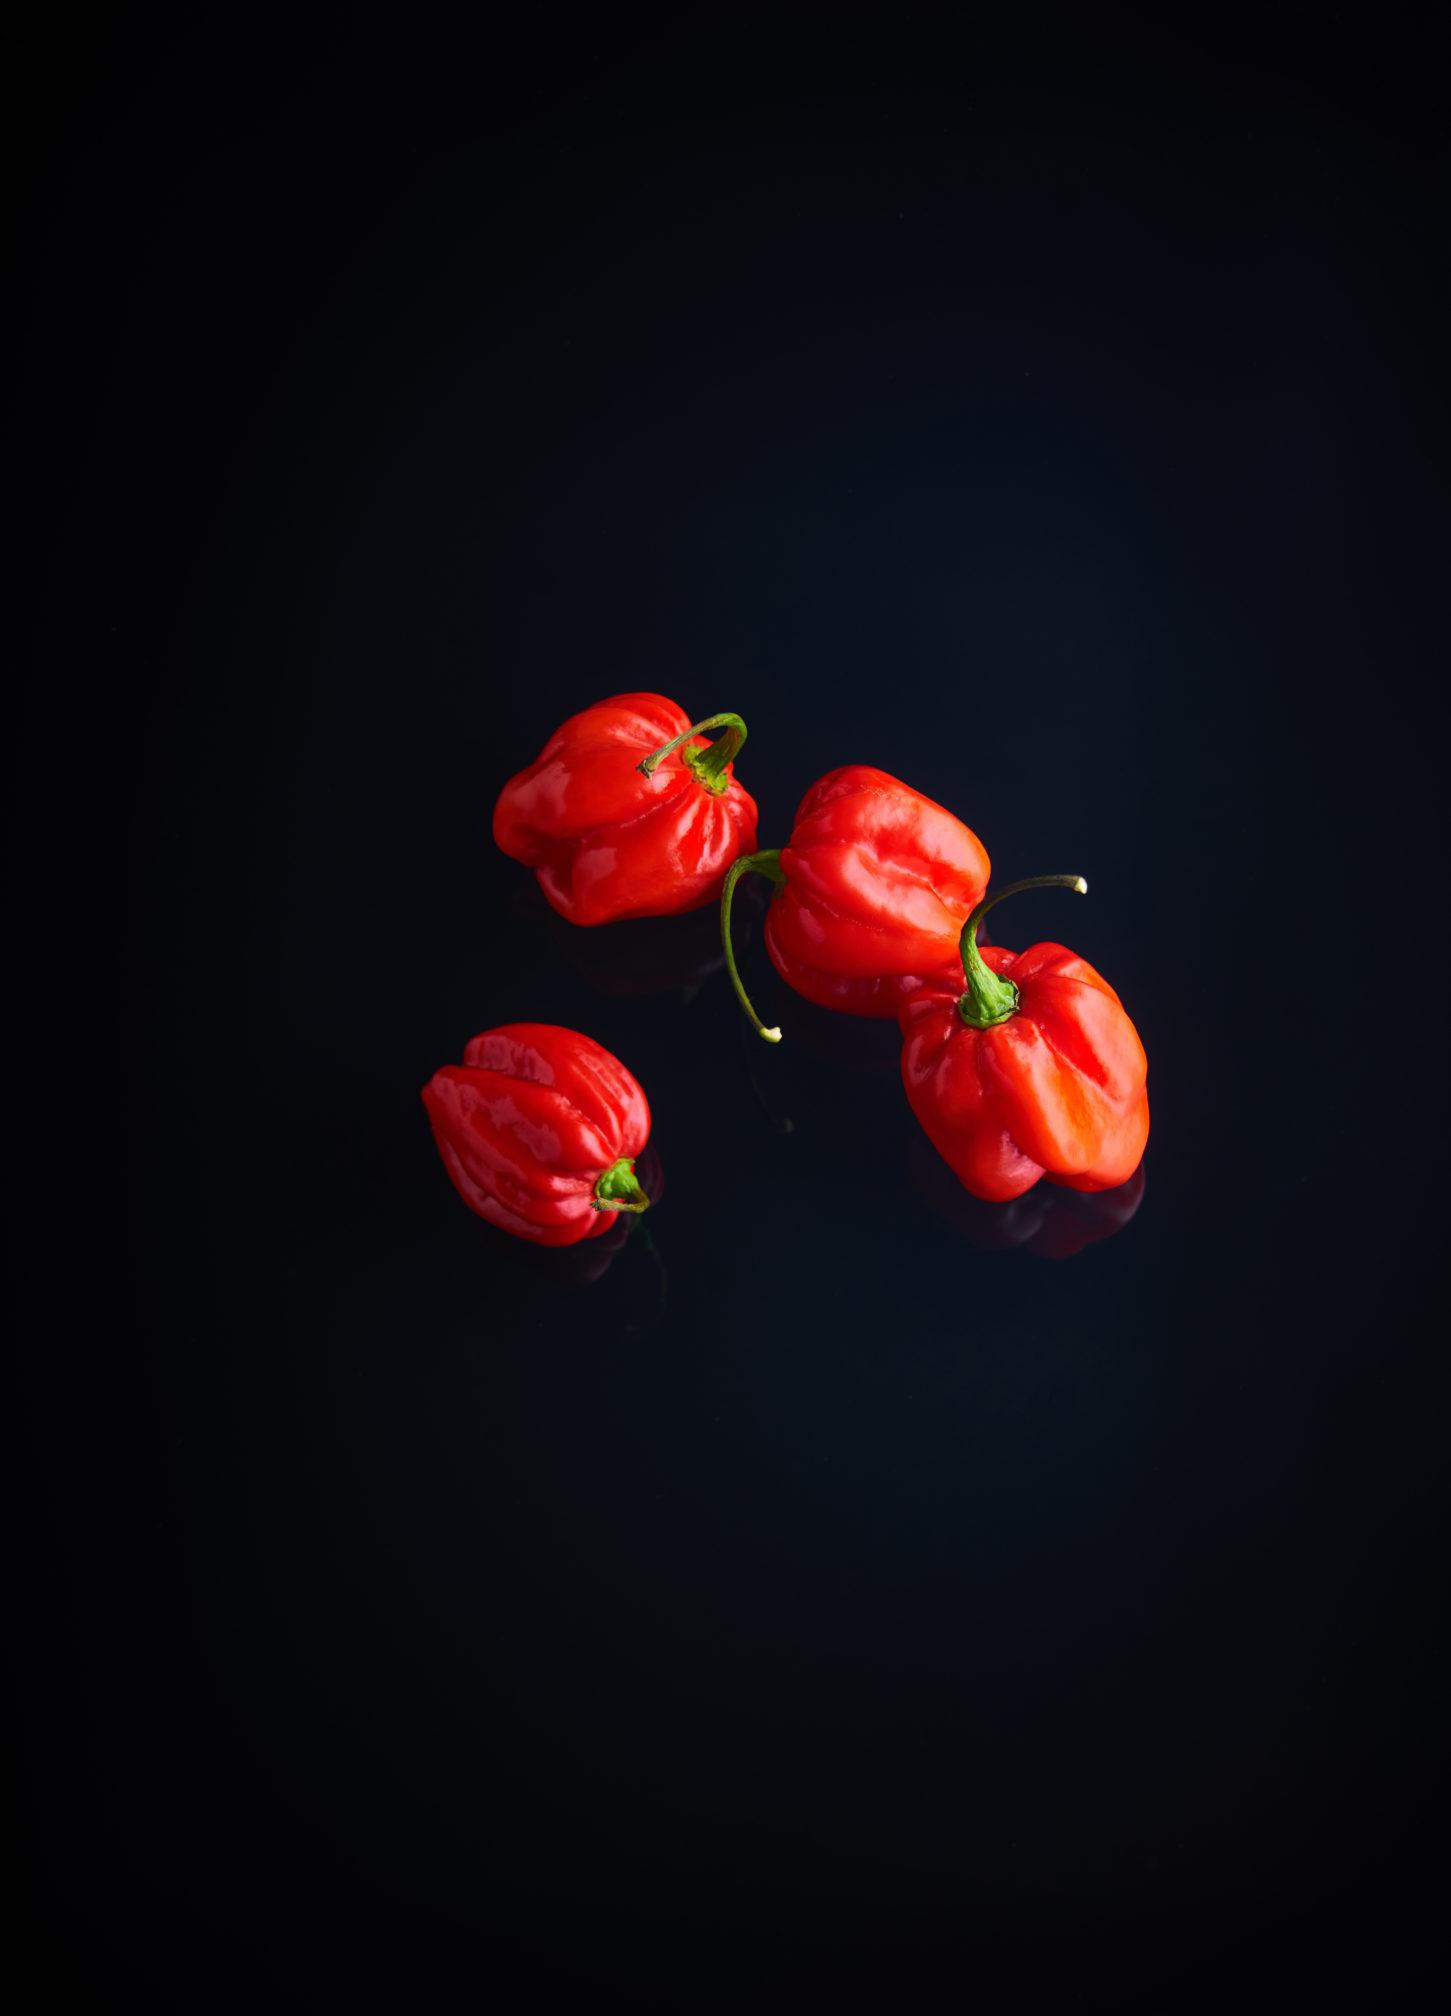 capexo-lilot-fruits-exotique-piment-antillais-cuba-Israël-France-Portugal-Espagne-Hollande-République-Dominicaine-Maroc